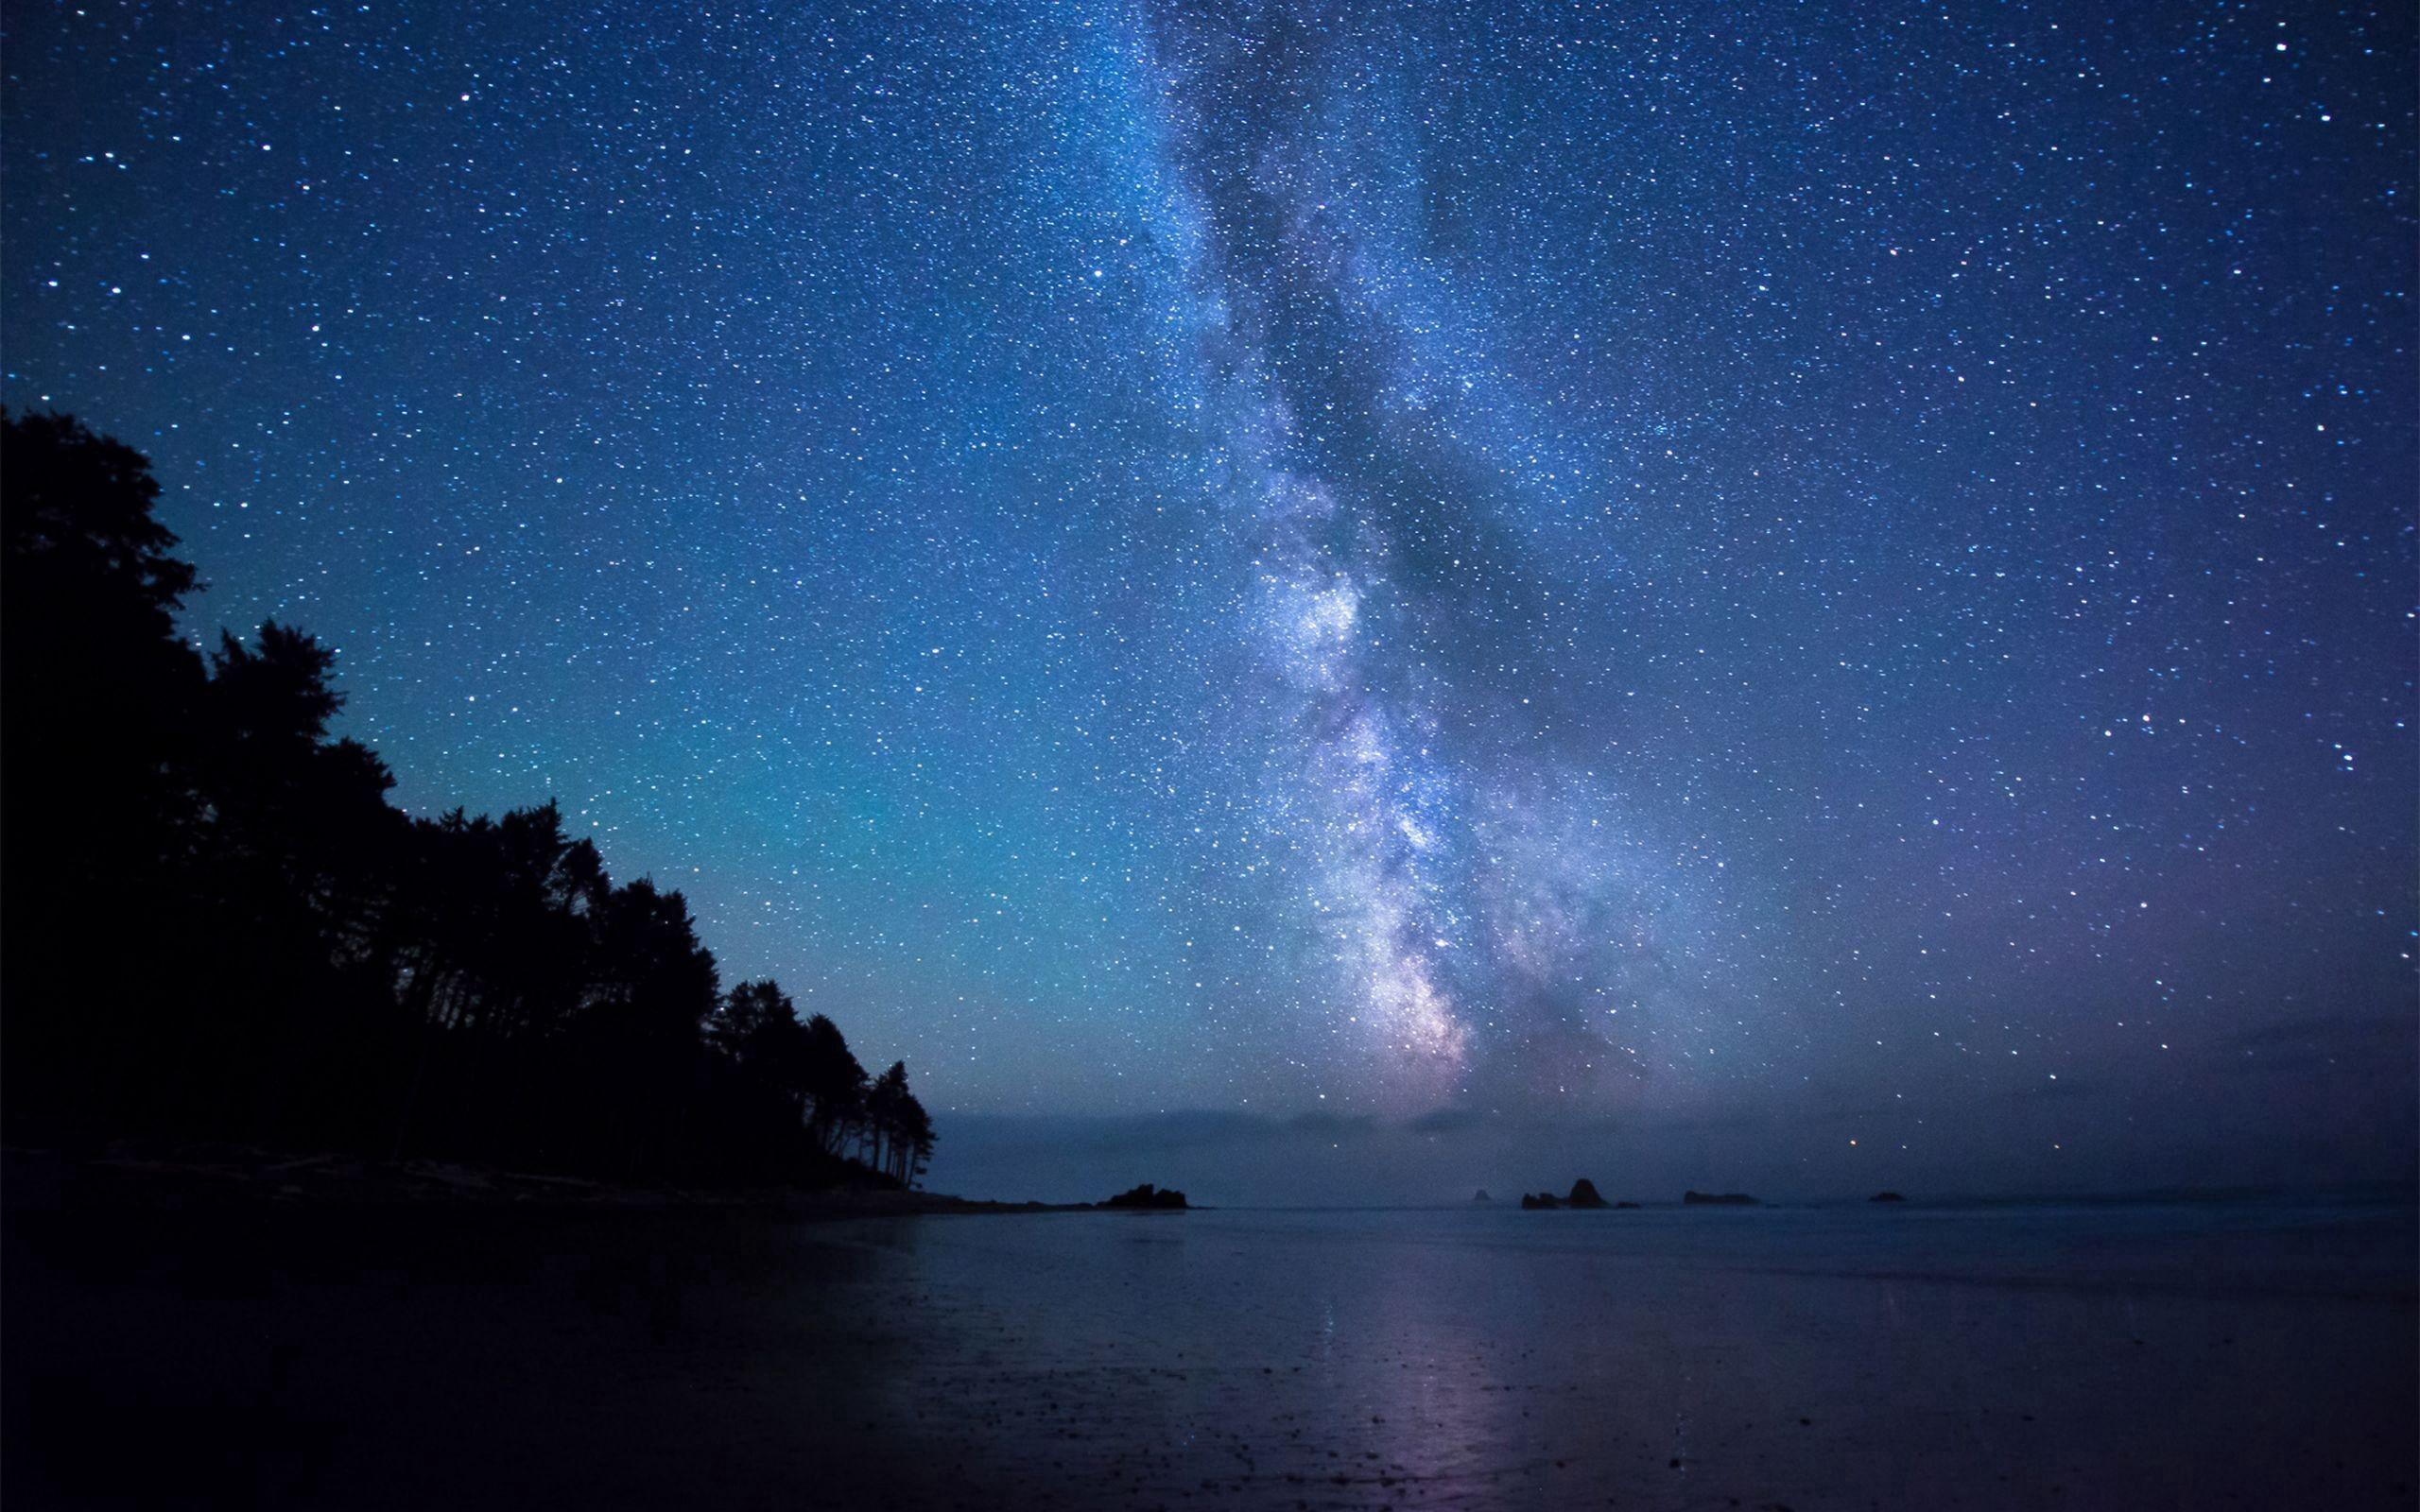 102507 Заставки и Обои Небо на телефон. Скачать Природа, Небо, Берег, Звезды картинки бесплатно